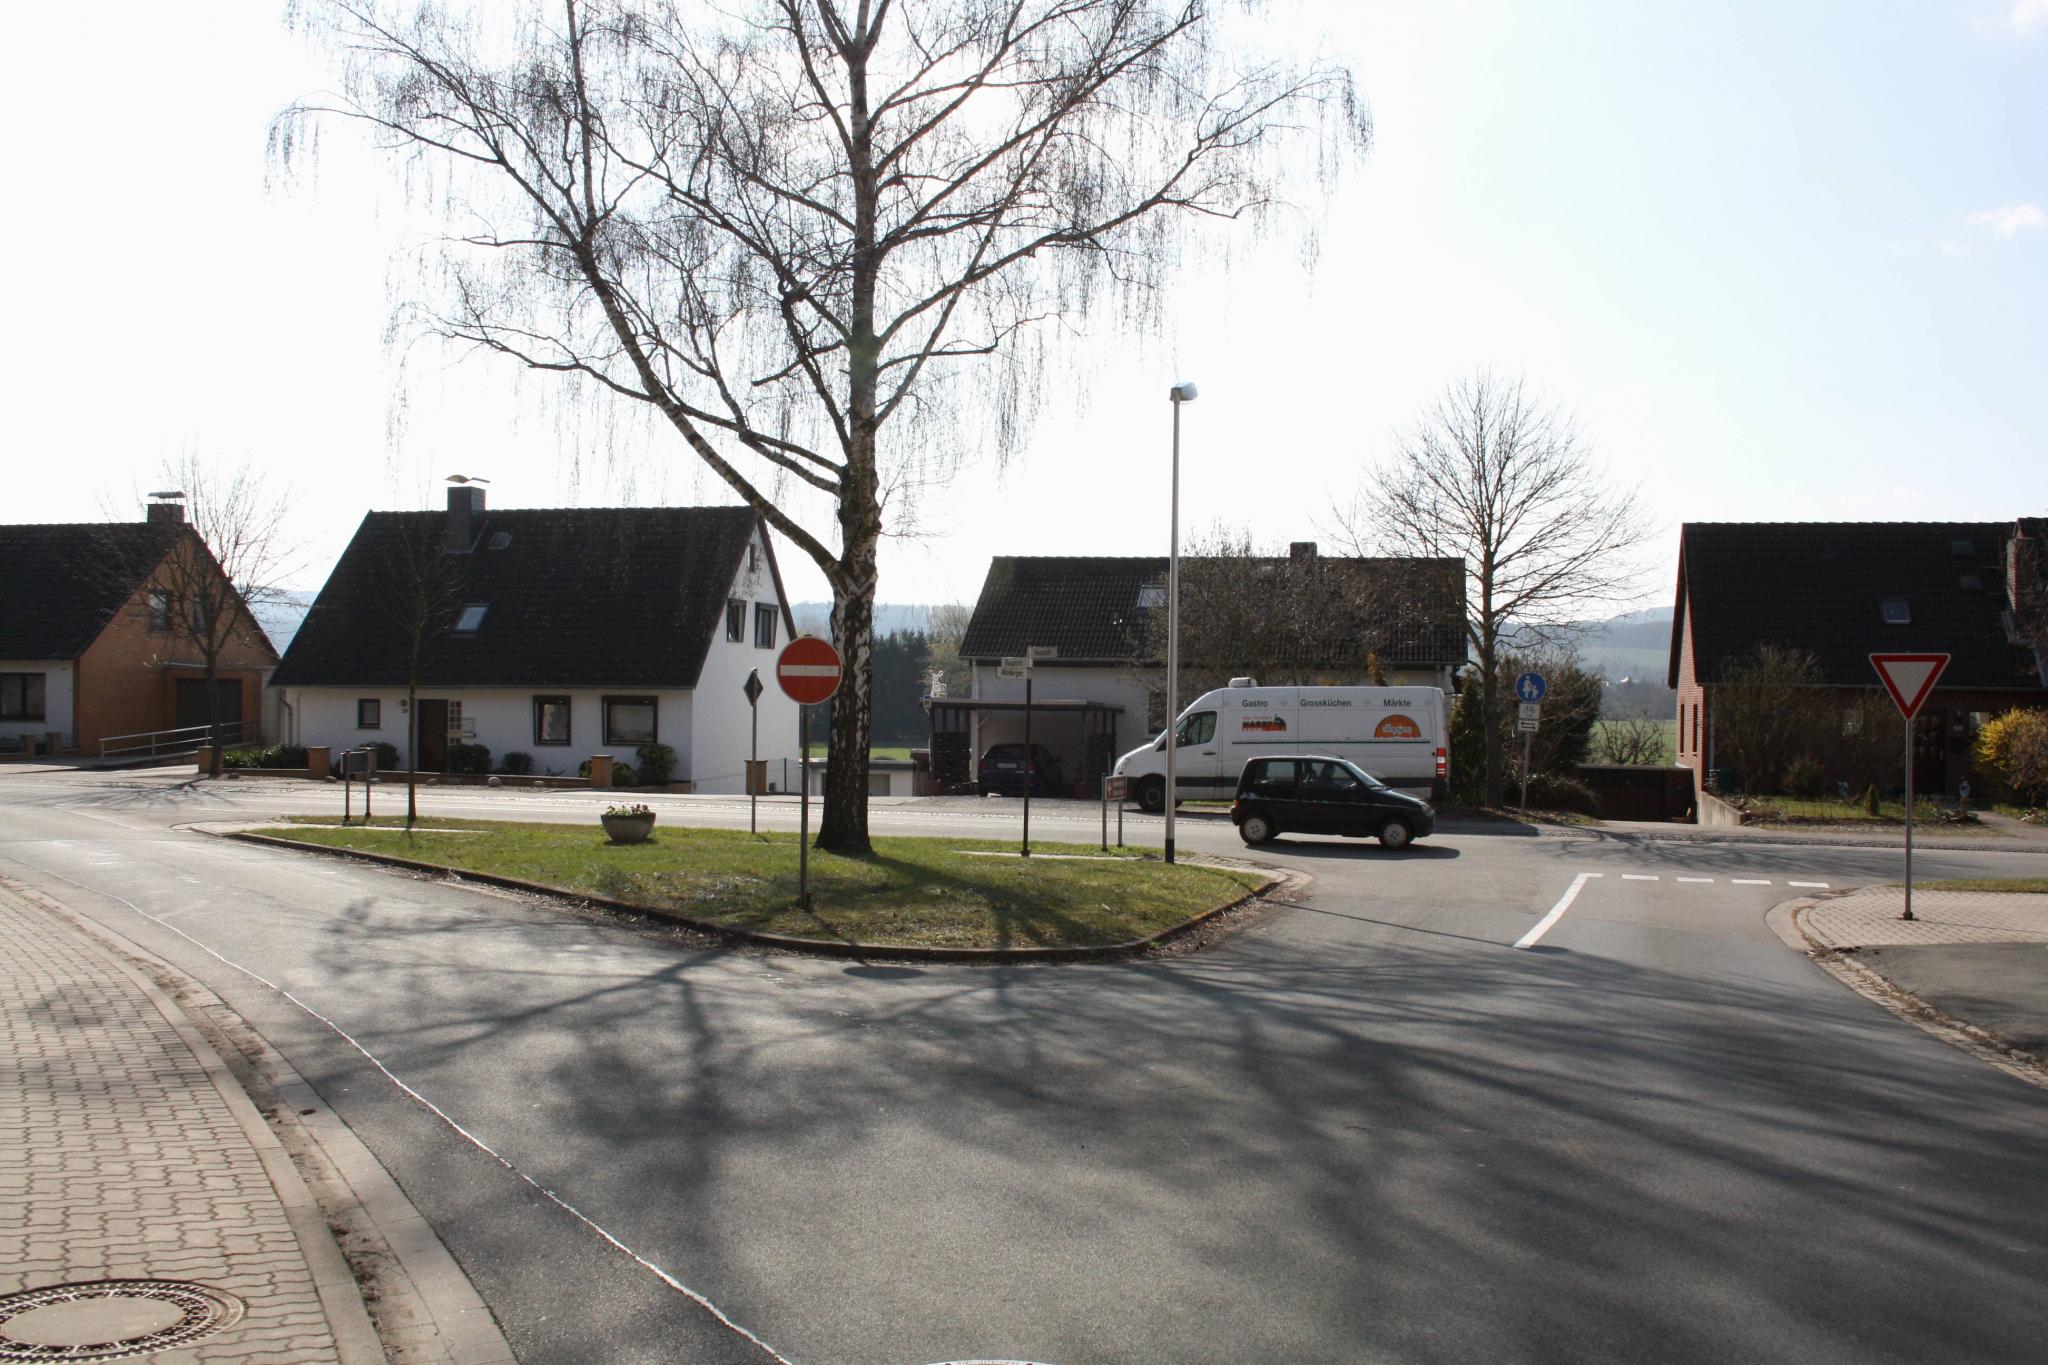 Eimsen2011-01-Hauptstr